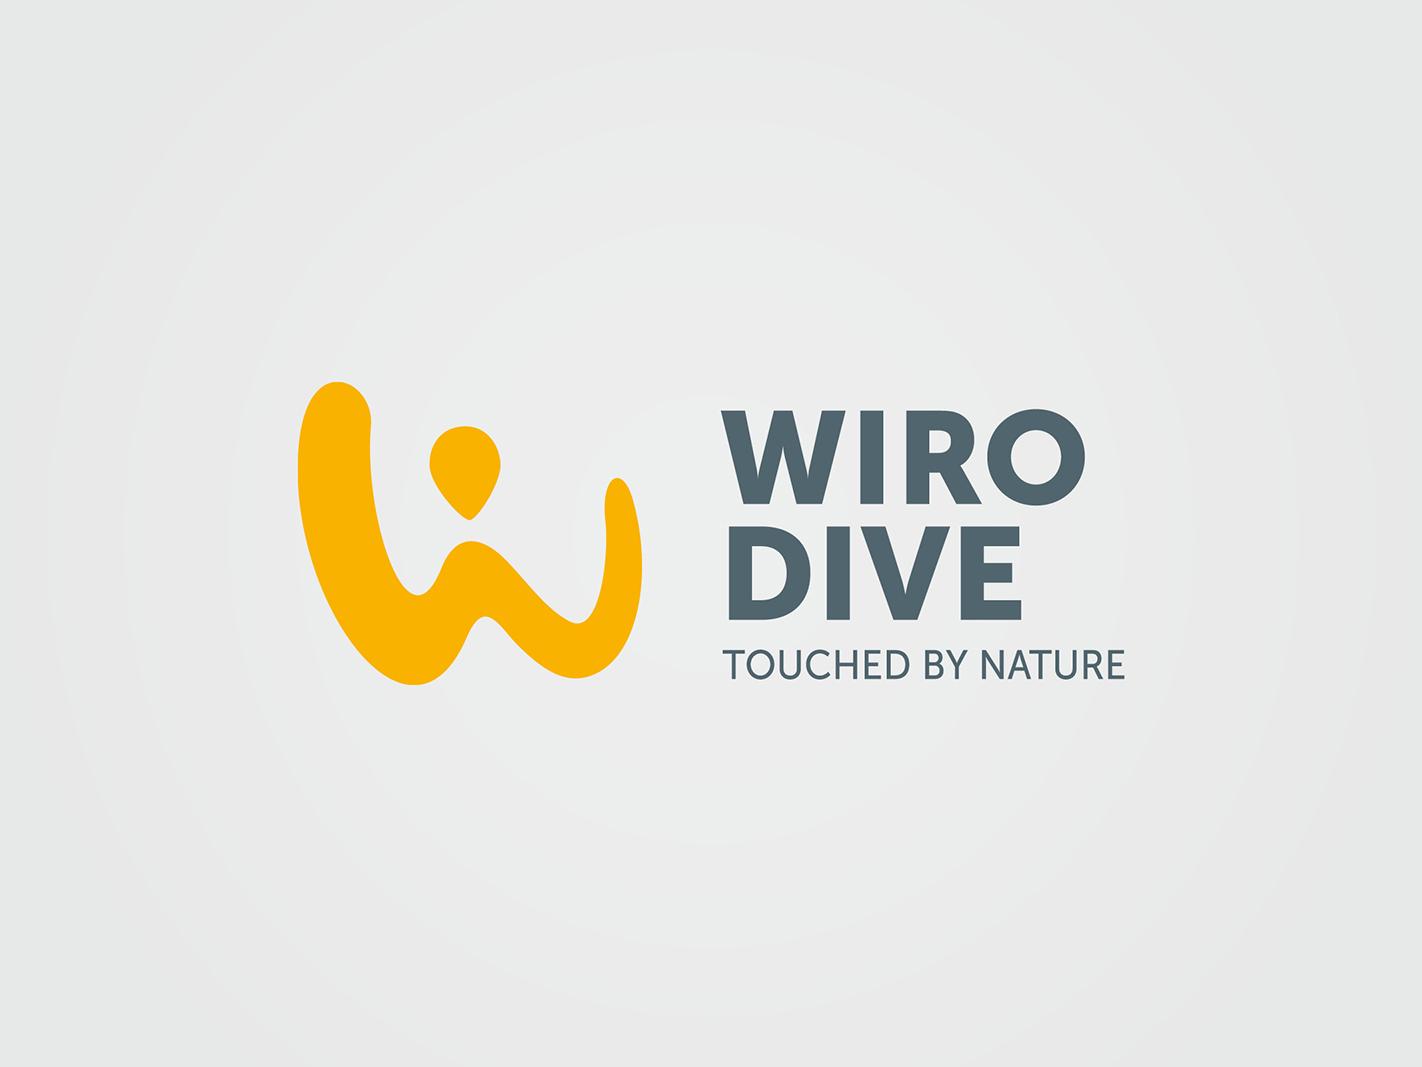 ATK-WIRO-DIVE-Tauchen-Reisen-Corporate-Design-1.jpg